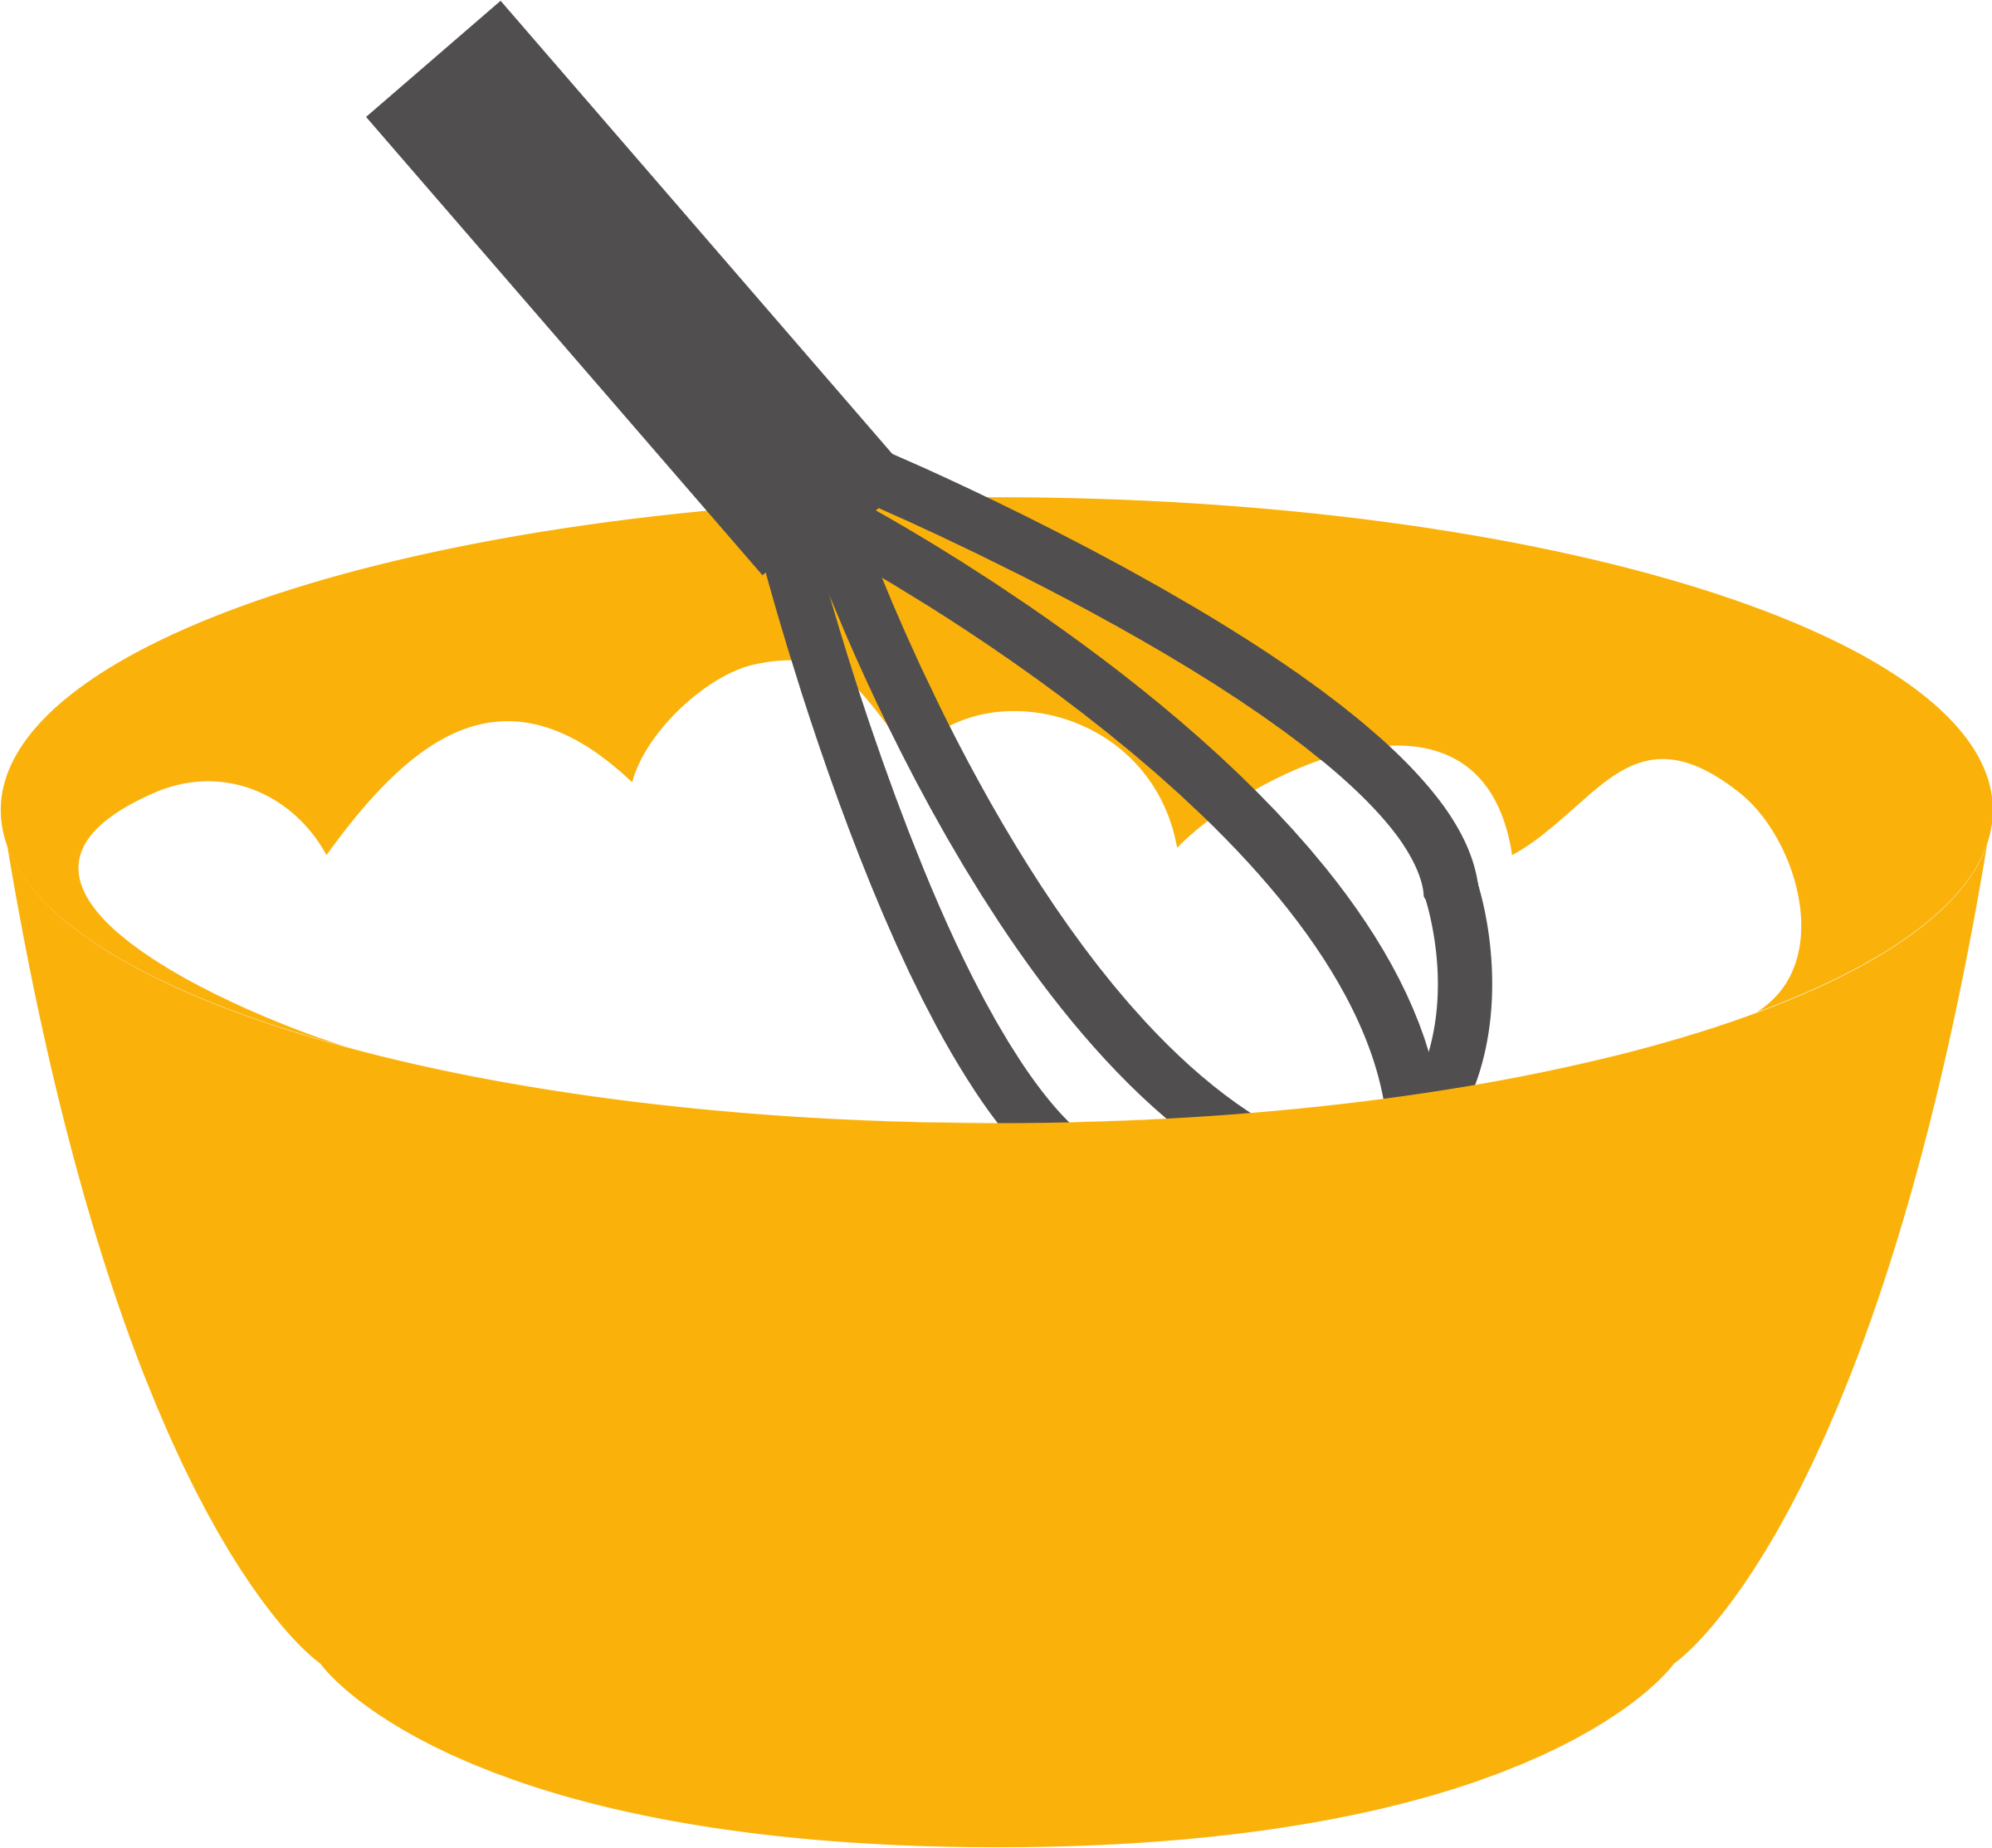 jpg library stock Whisk kitchen utensil tableware. Bowl clipart